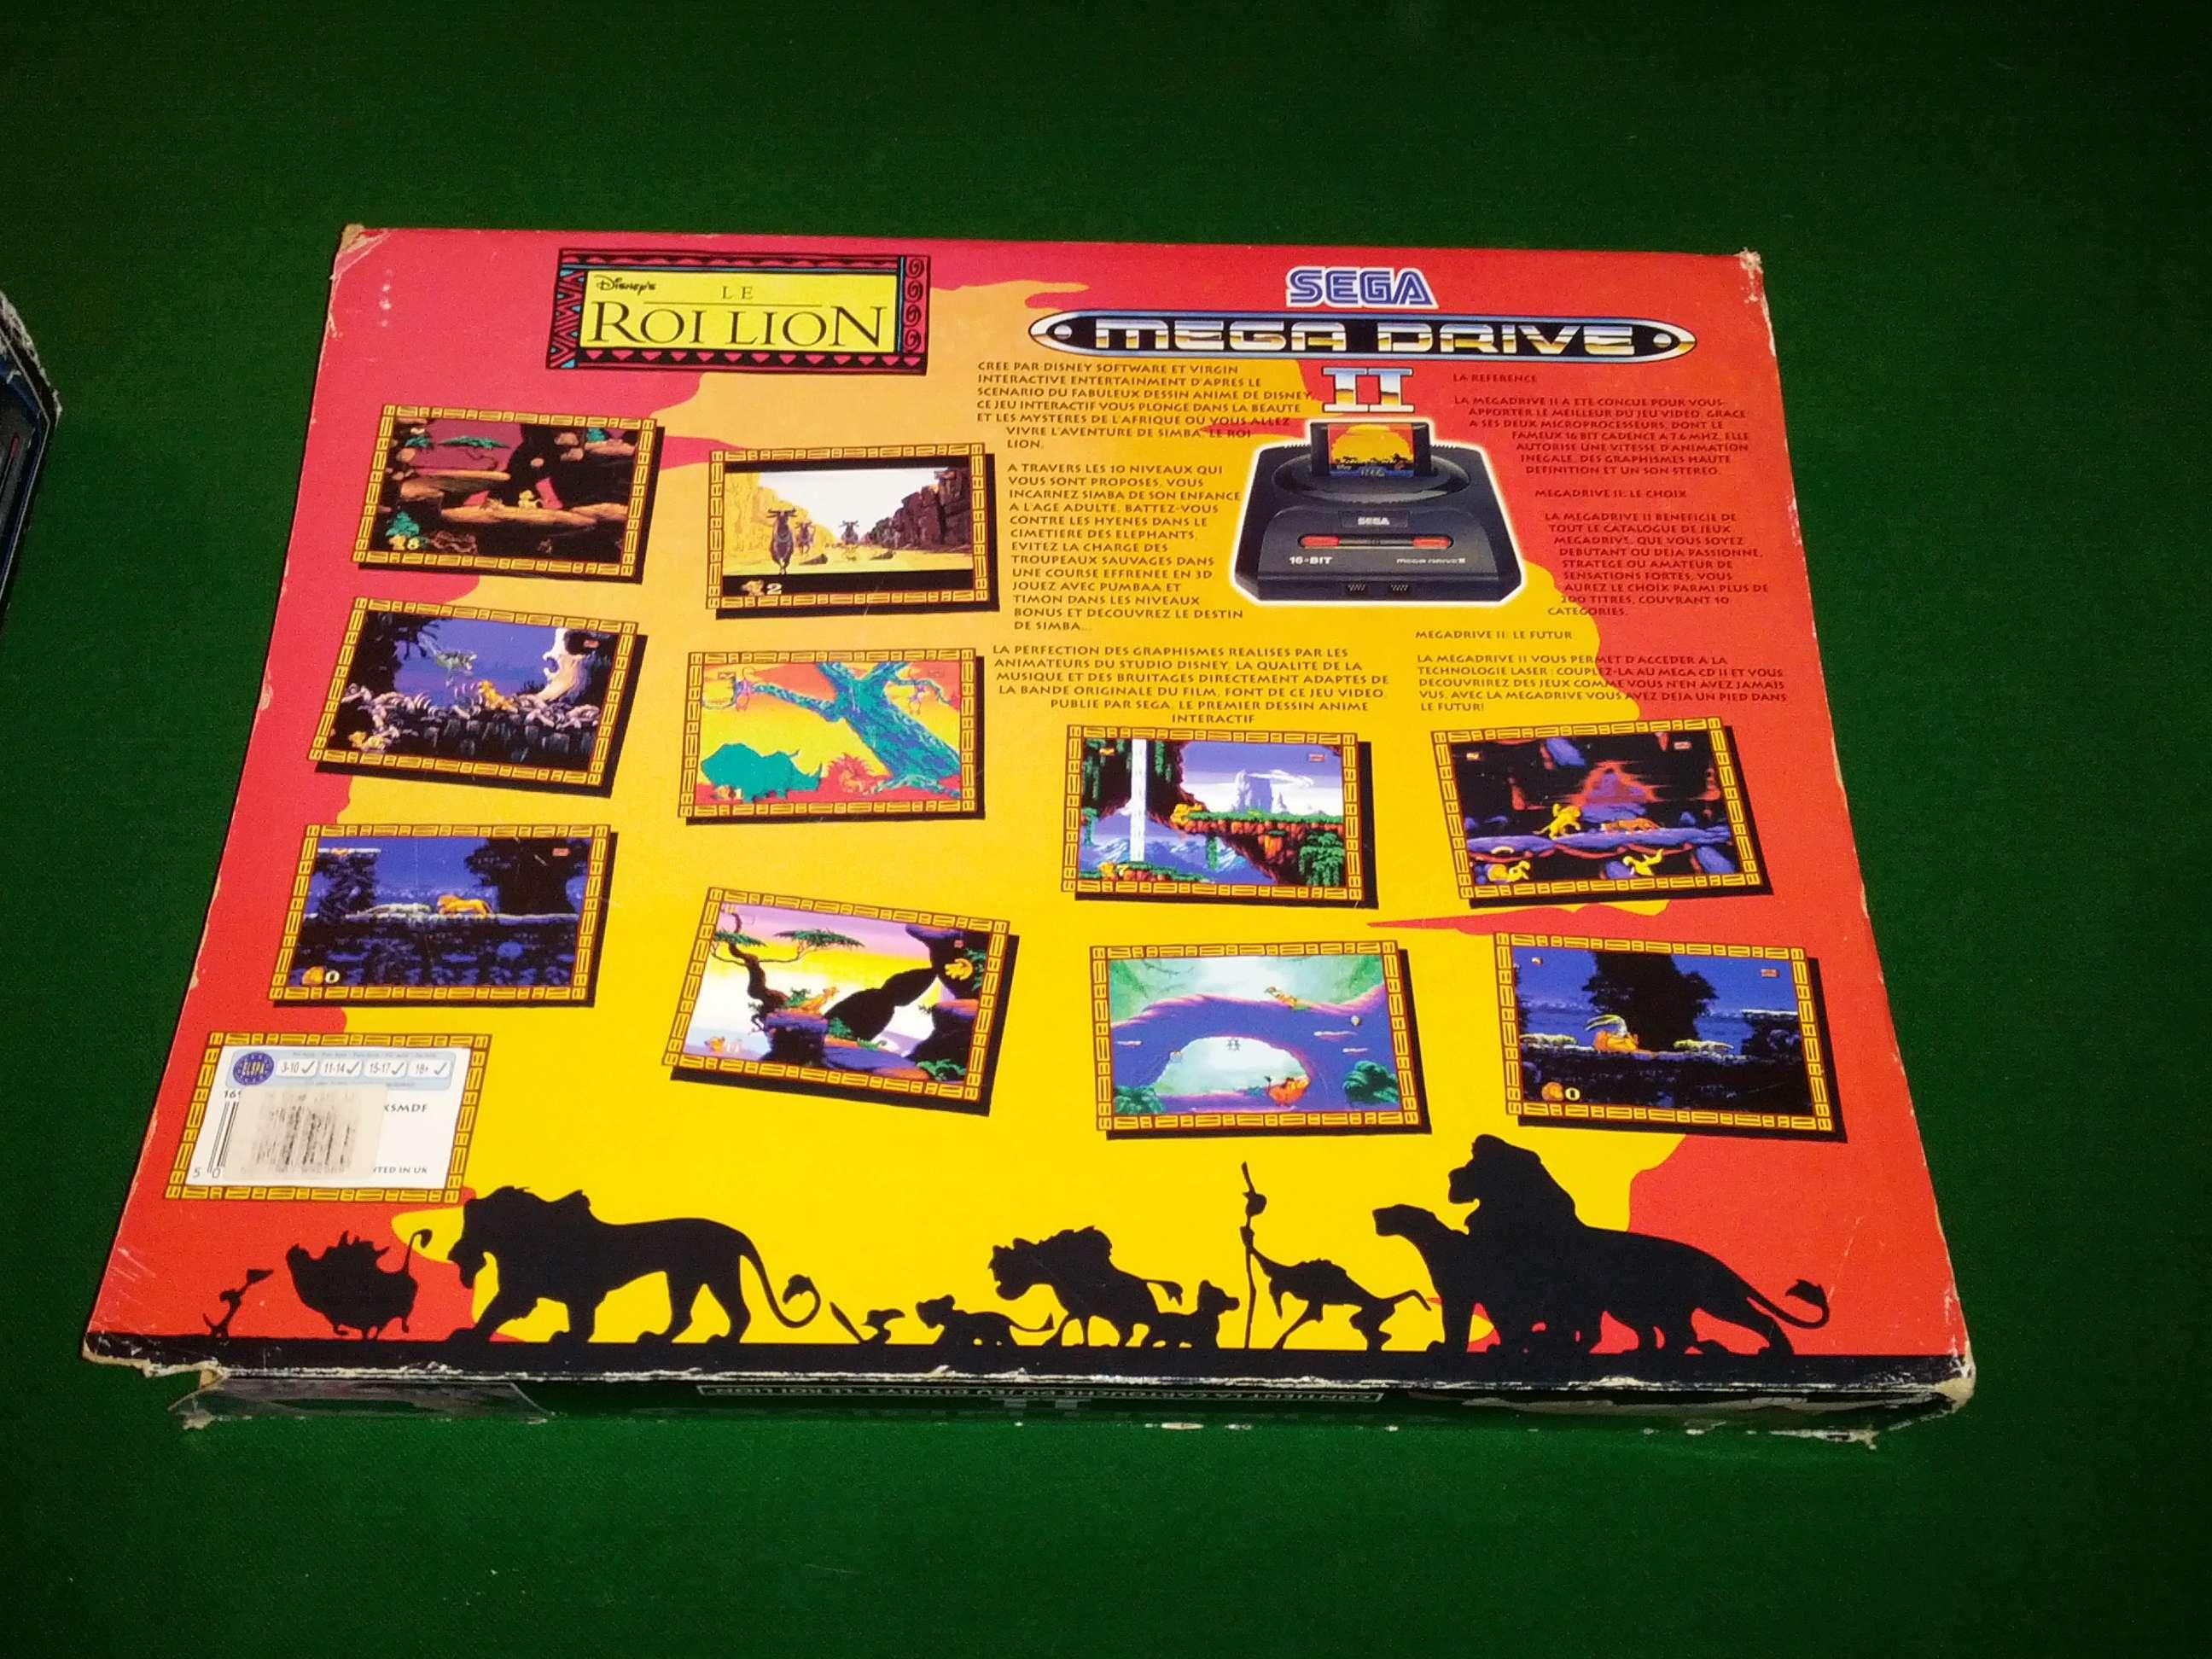 [VENDS] Console Megadrive II - Pack Le Roi Lion - complet en boite Img_2030